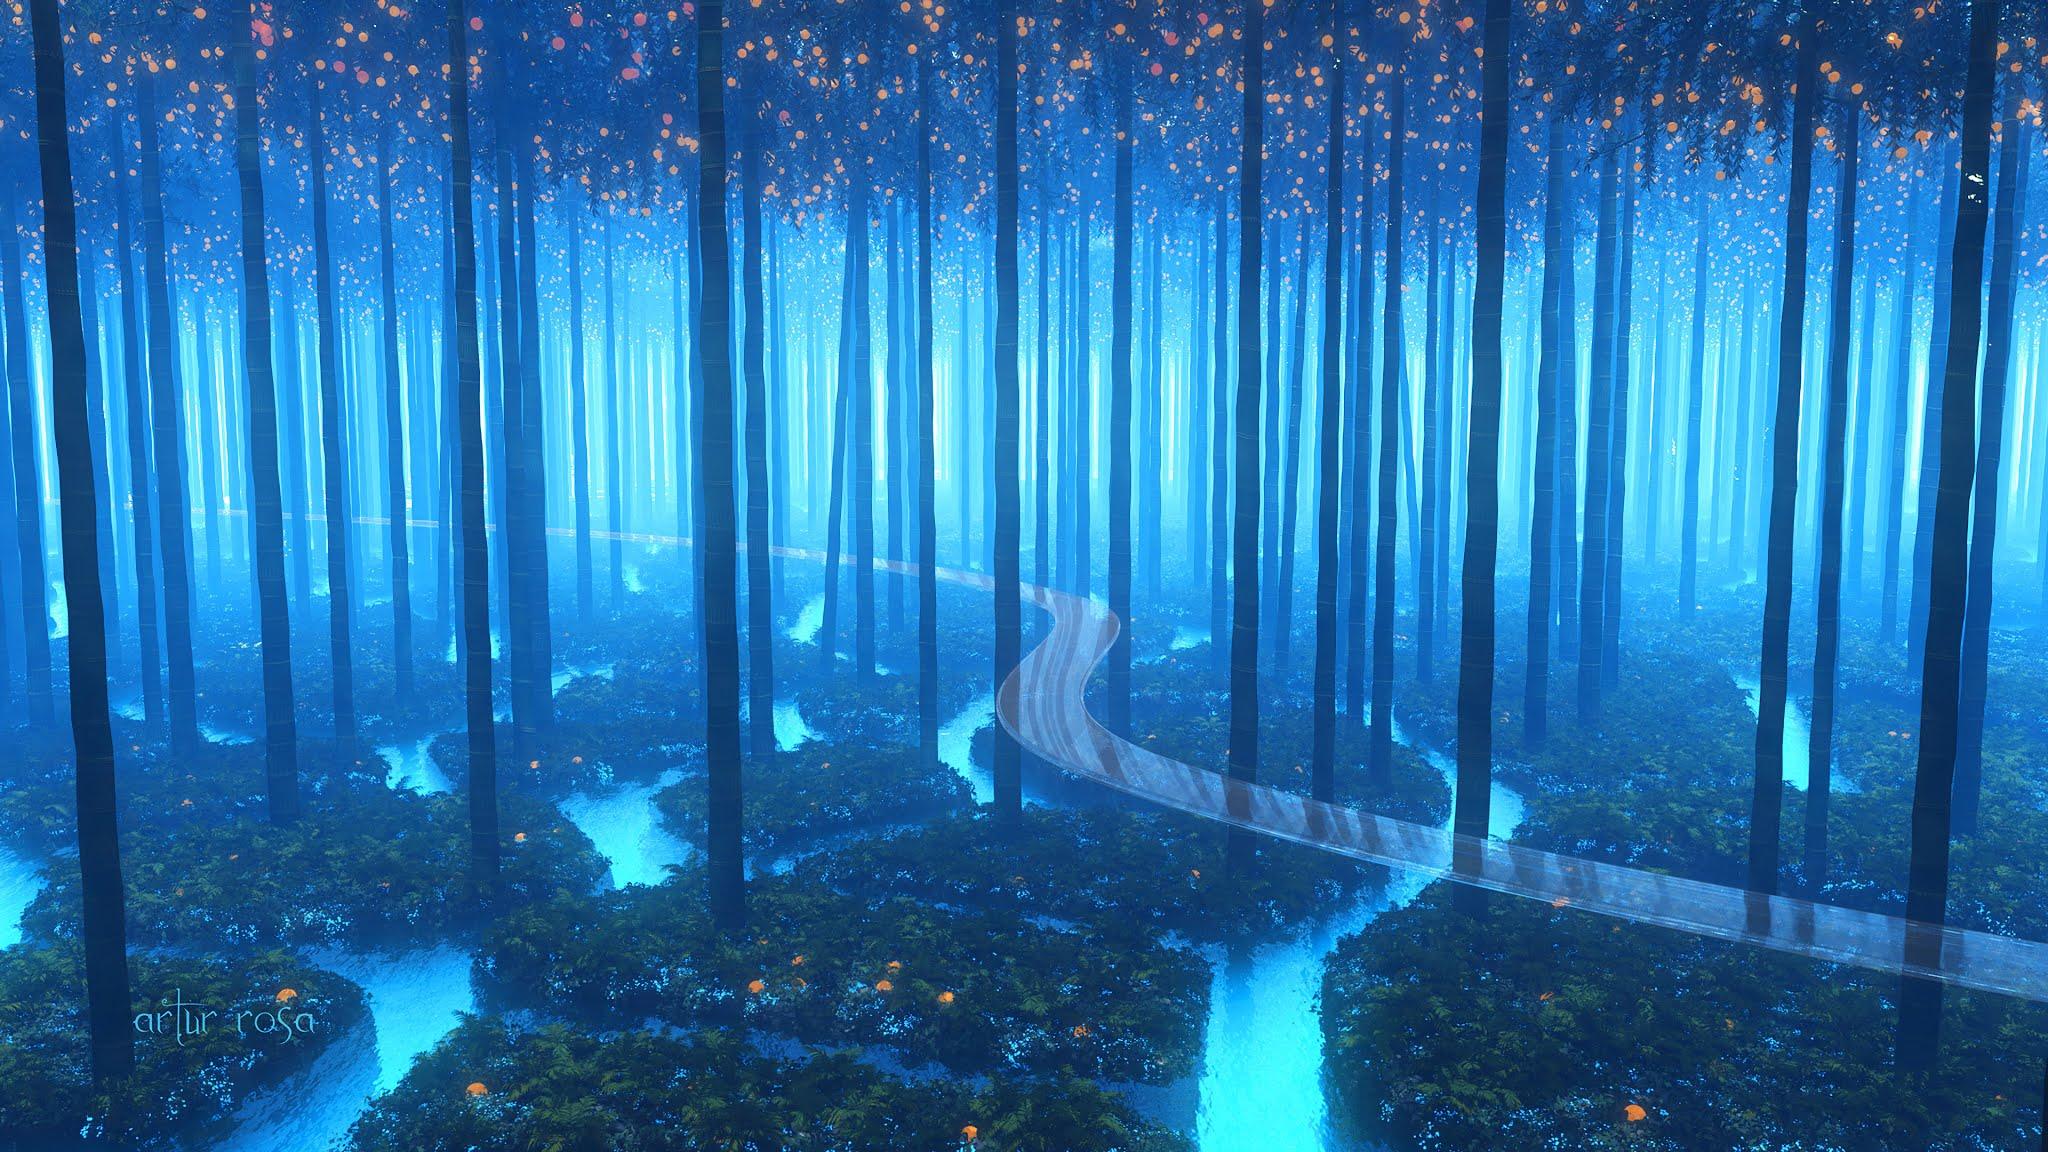 Forest Anime Landscape 4k